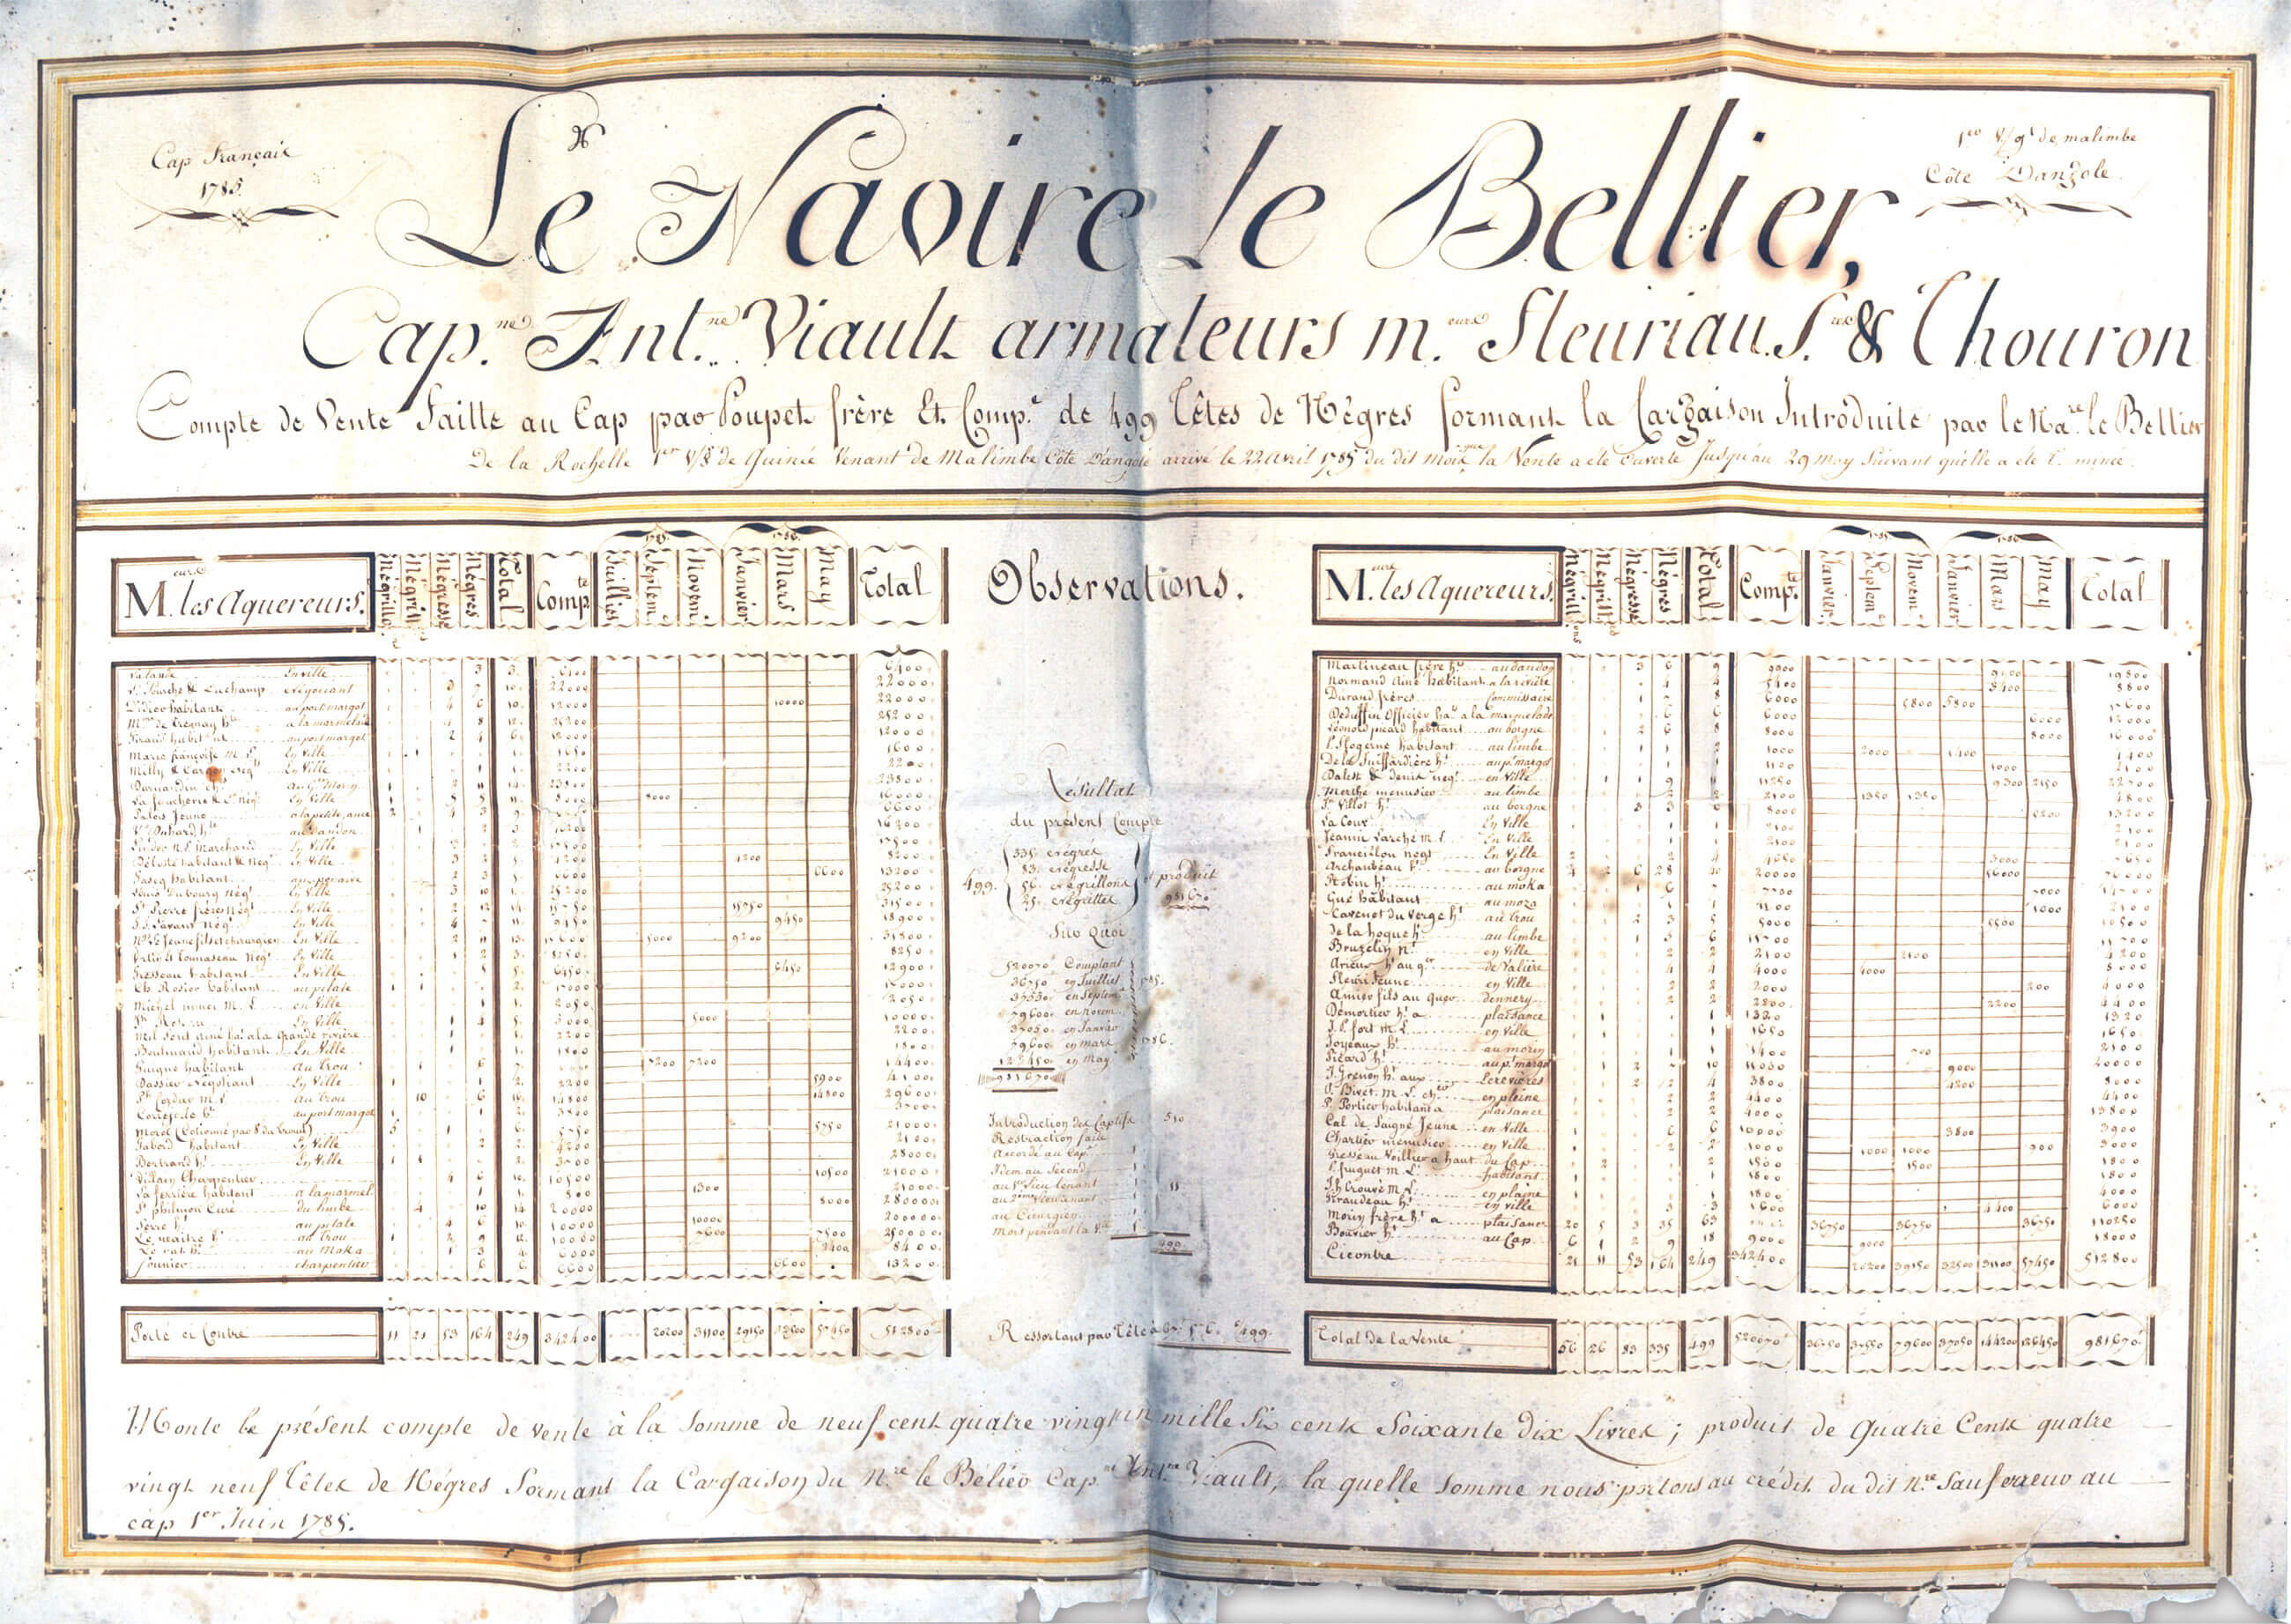 Tableau de vente au Cap de 499 « têtes de nègres » de la cargaison du navire le Belier